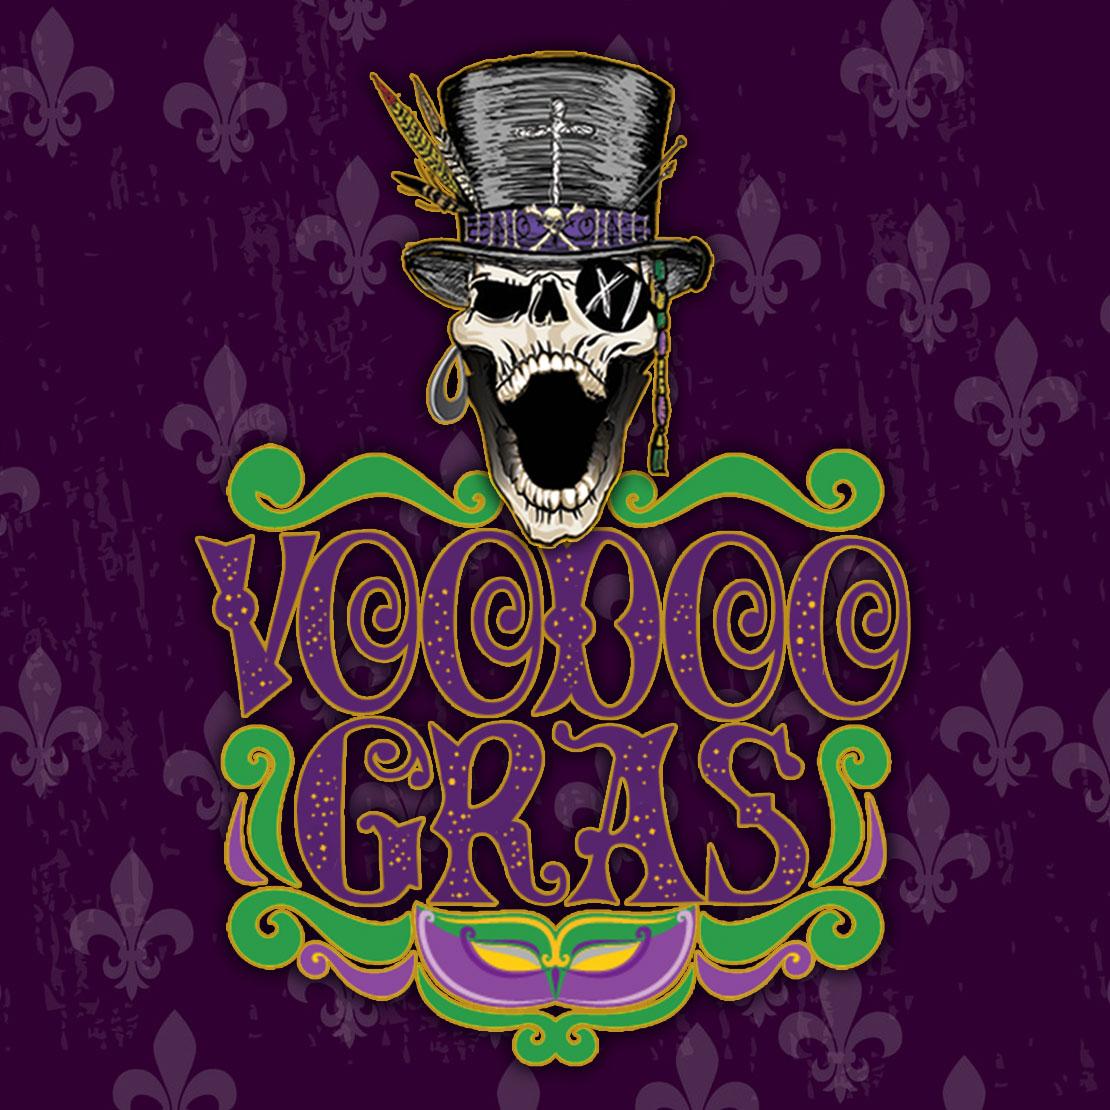 Voodoo Gras